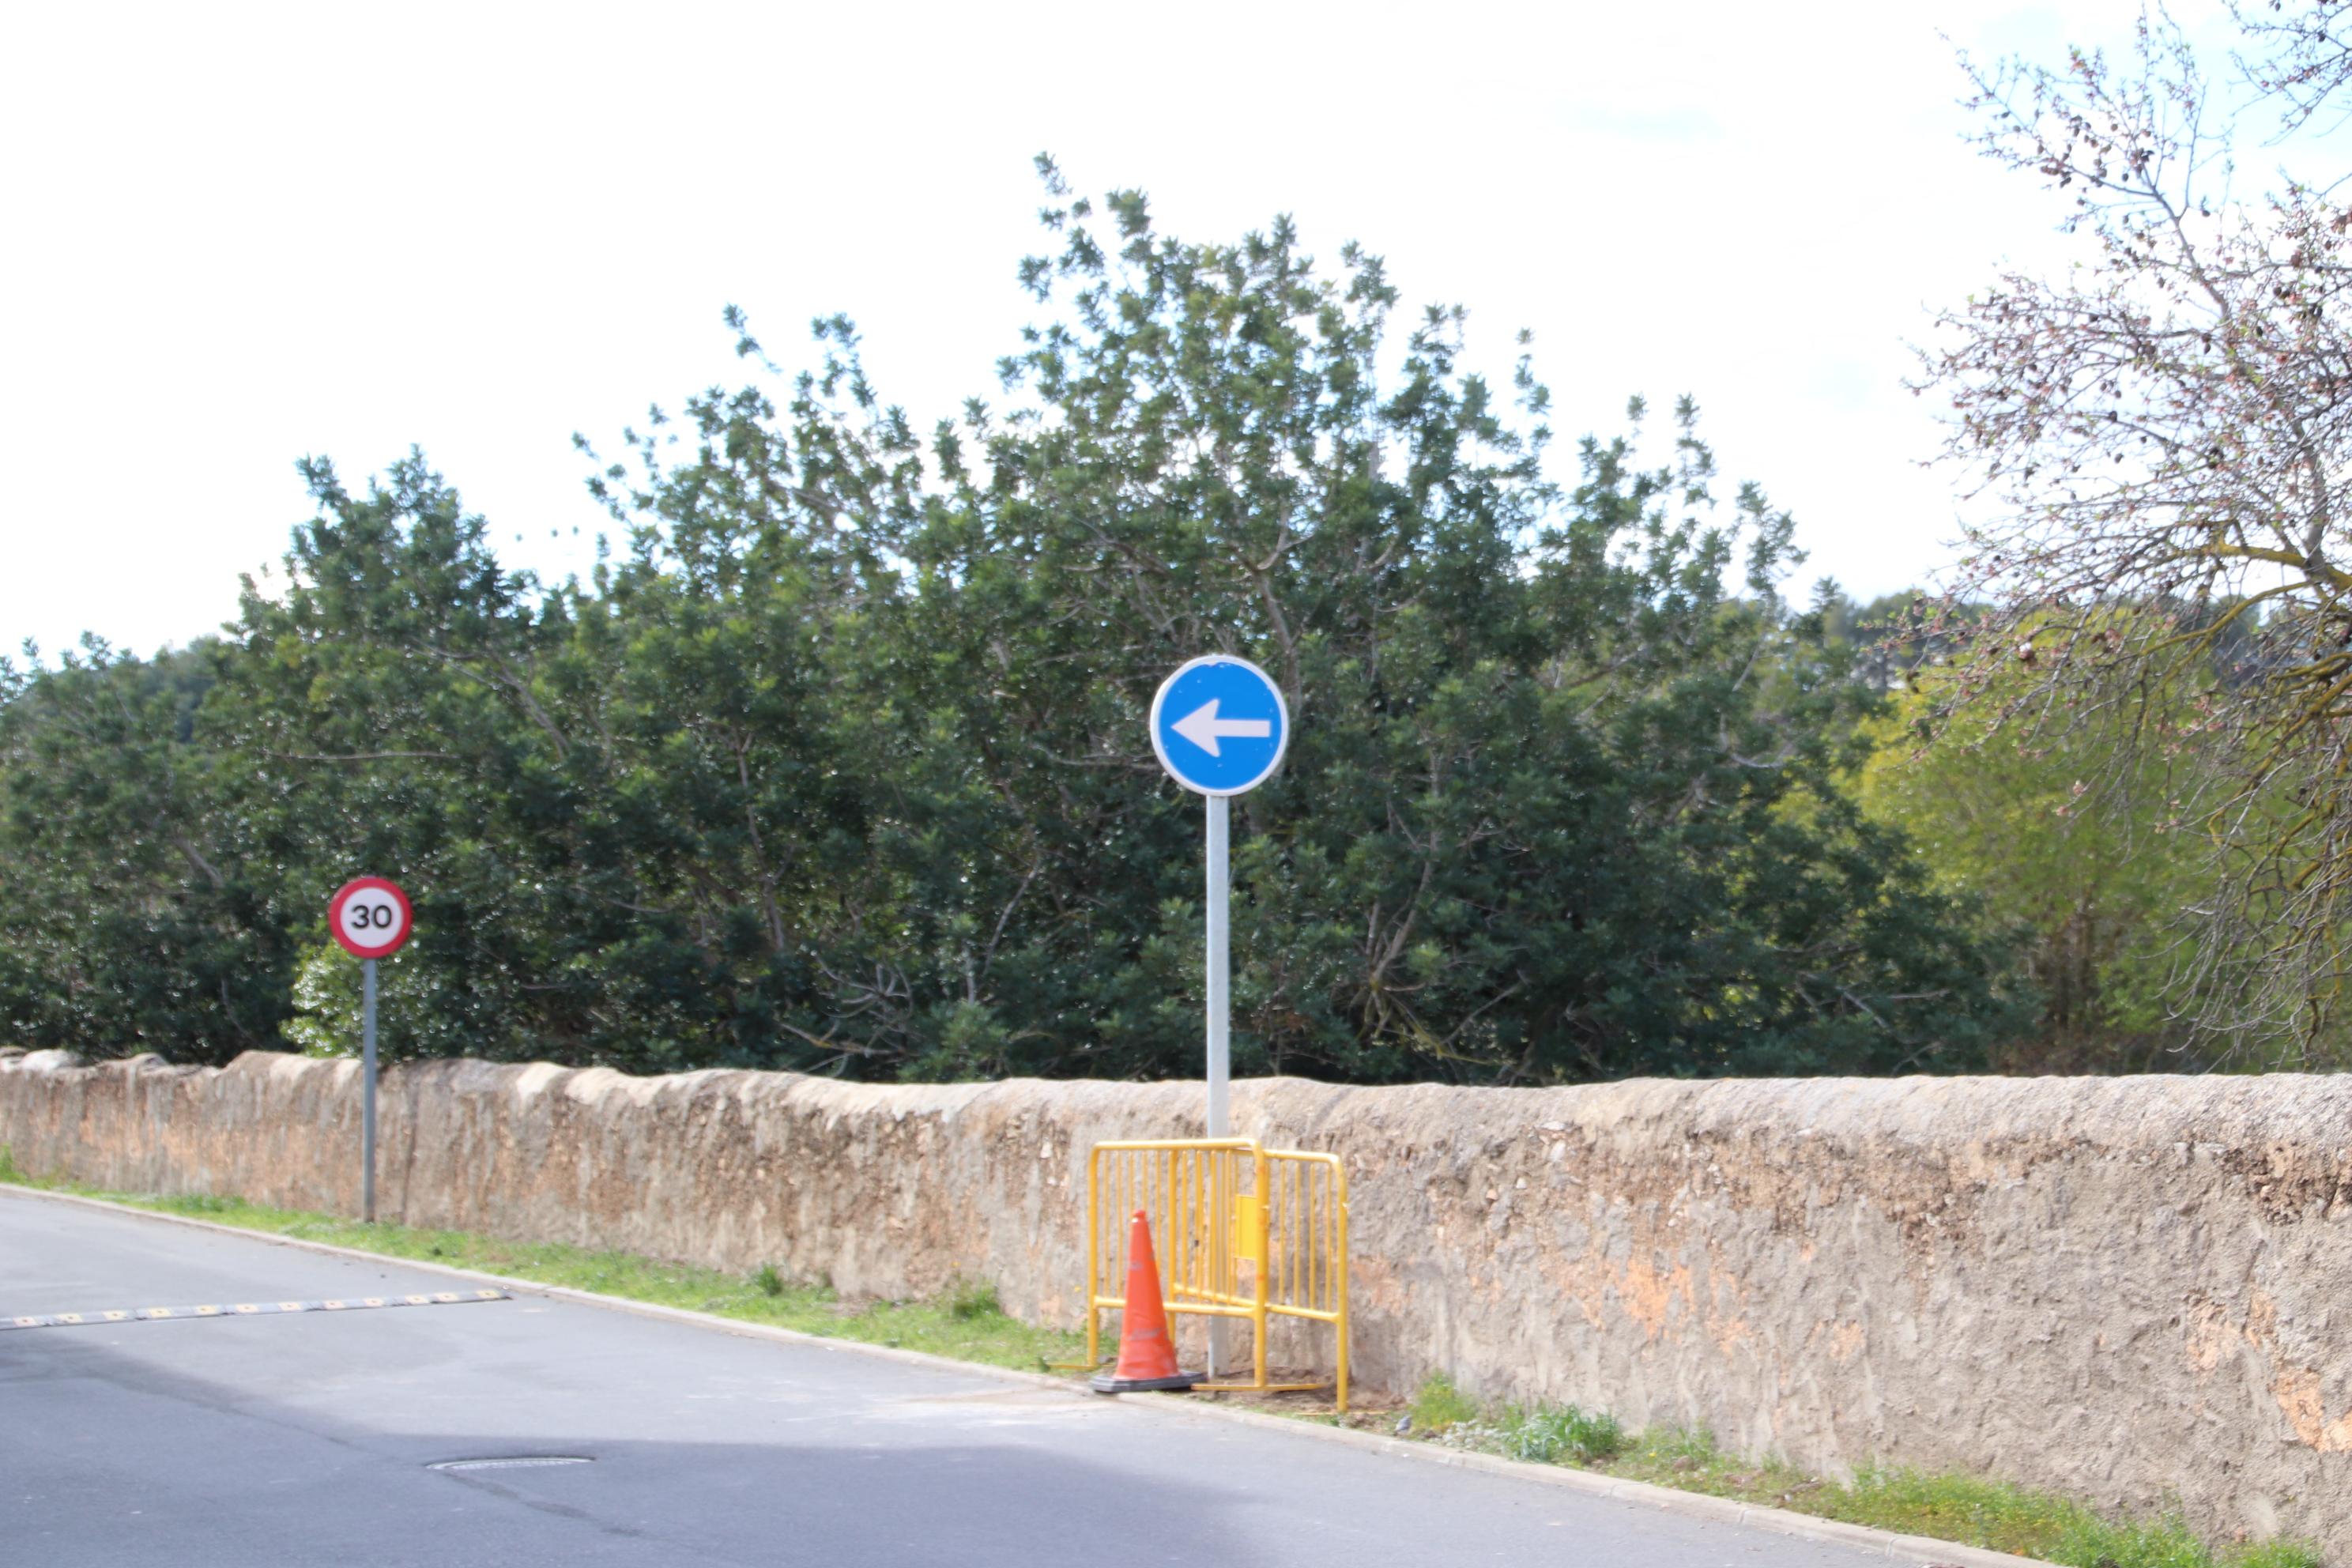 L'Ajuntament ha tornat a instal.lar un senyal de trànsit que havia estat sostret